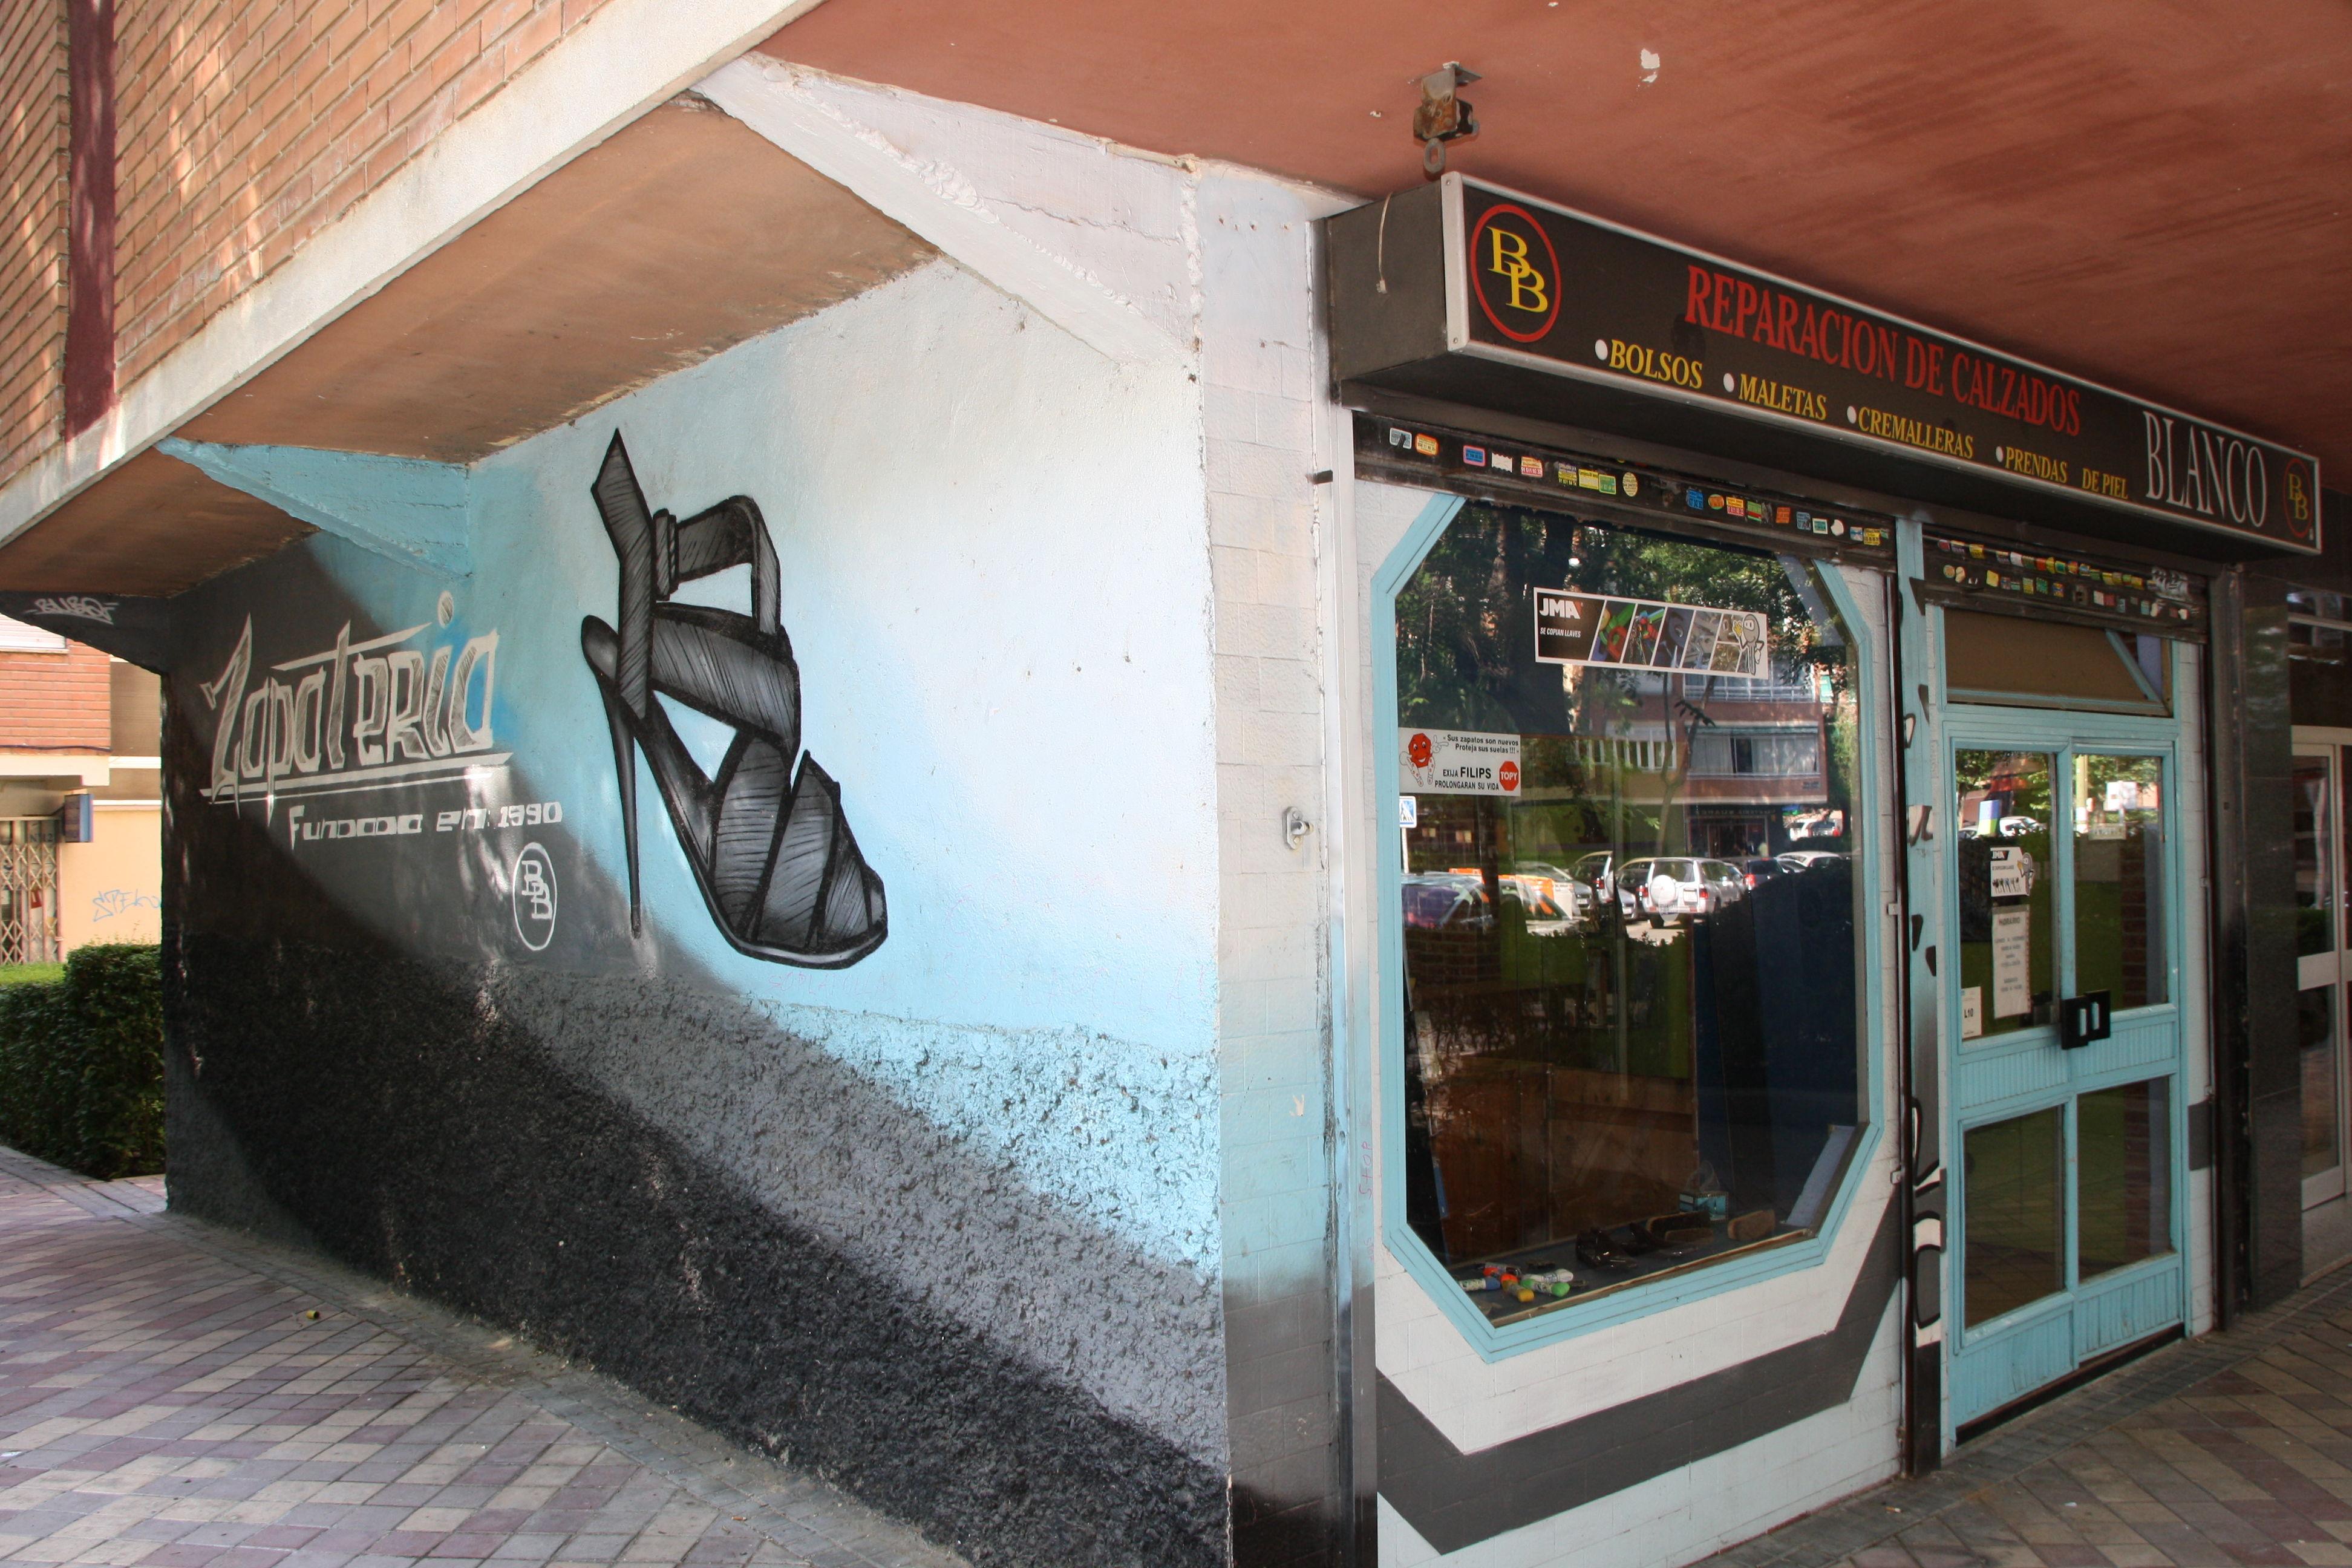 Foto 5 de Reparación de calzado en Madrid | Reparación De Calzado Blanco